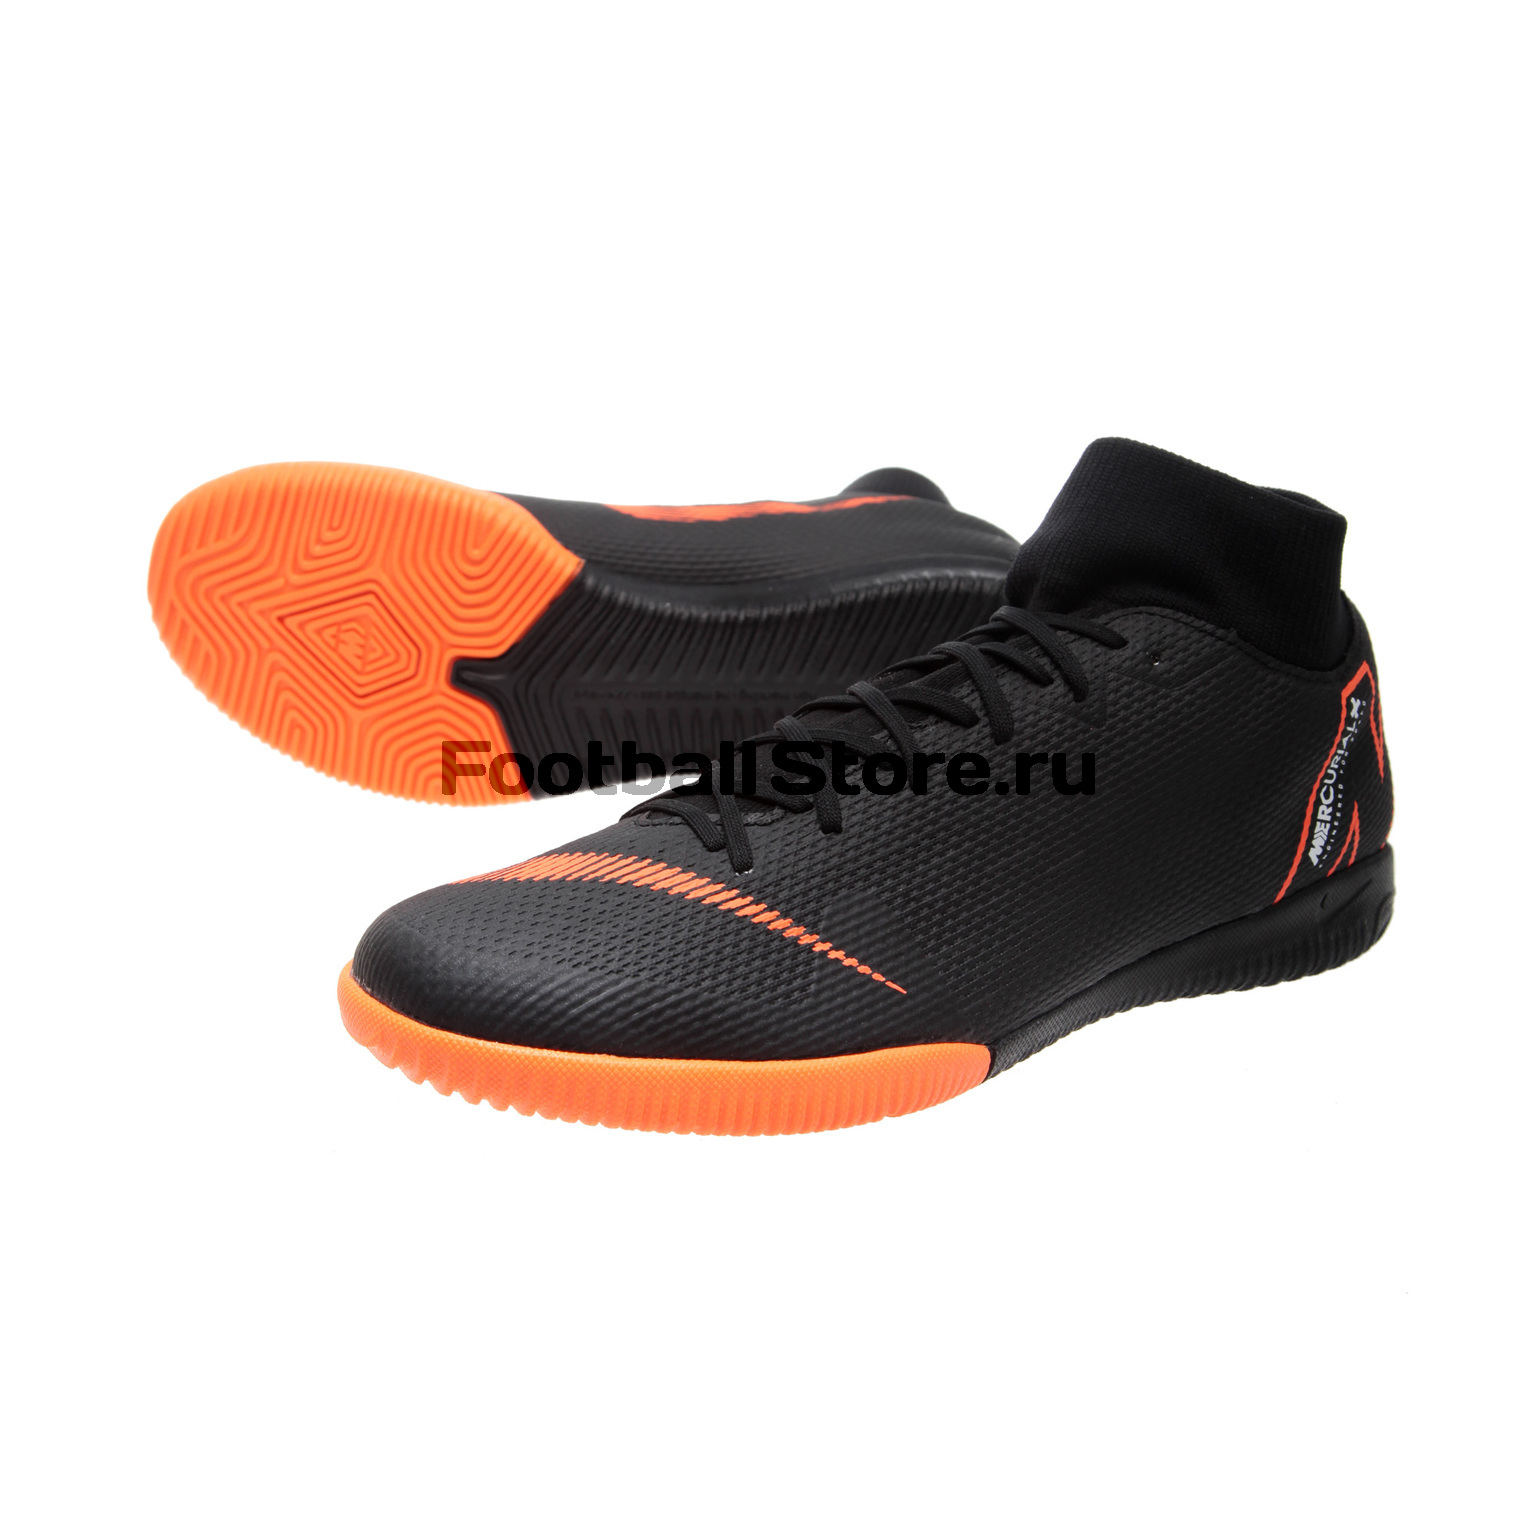 2b5794a6 Обувь для зала Nike SuperflyX 6 Academy IC AH7369-081 – купить ...